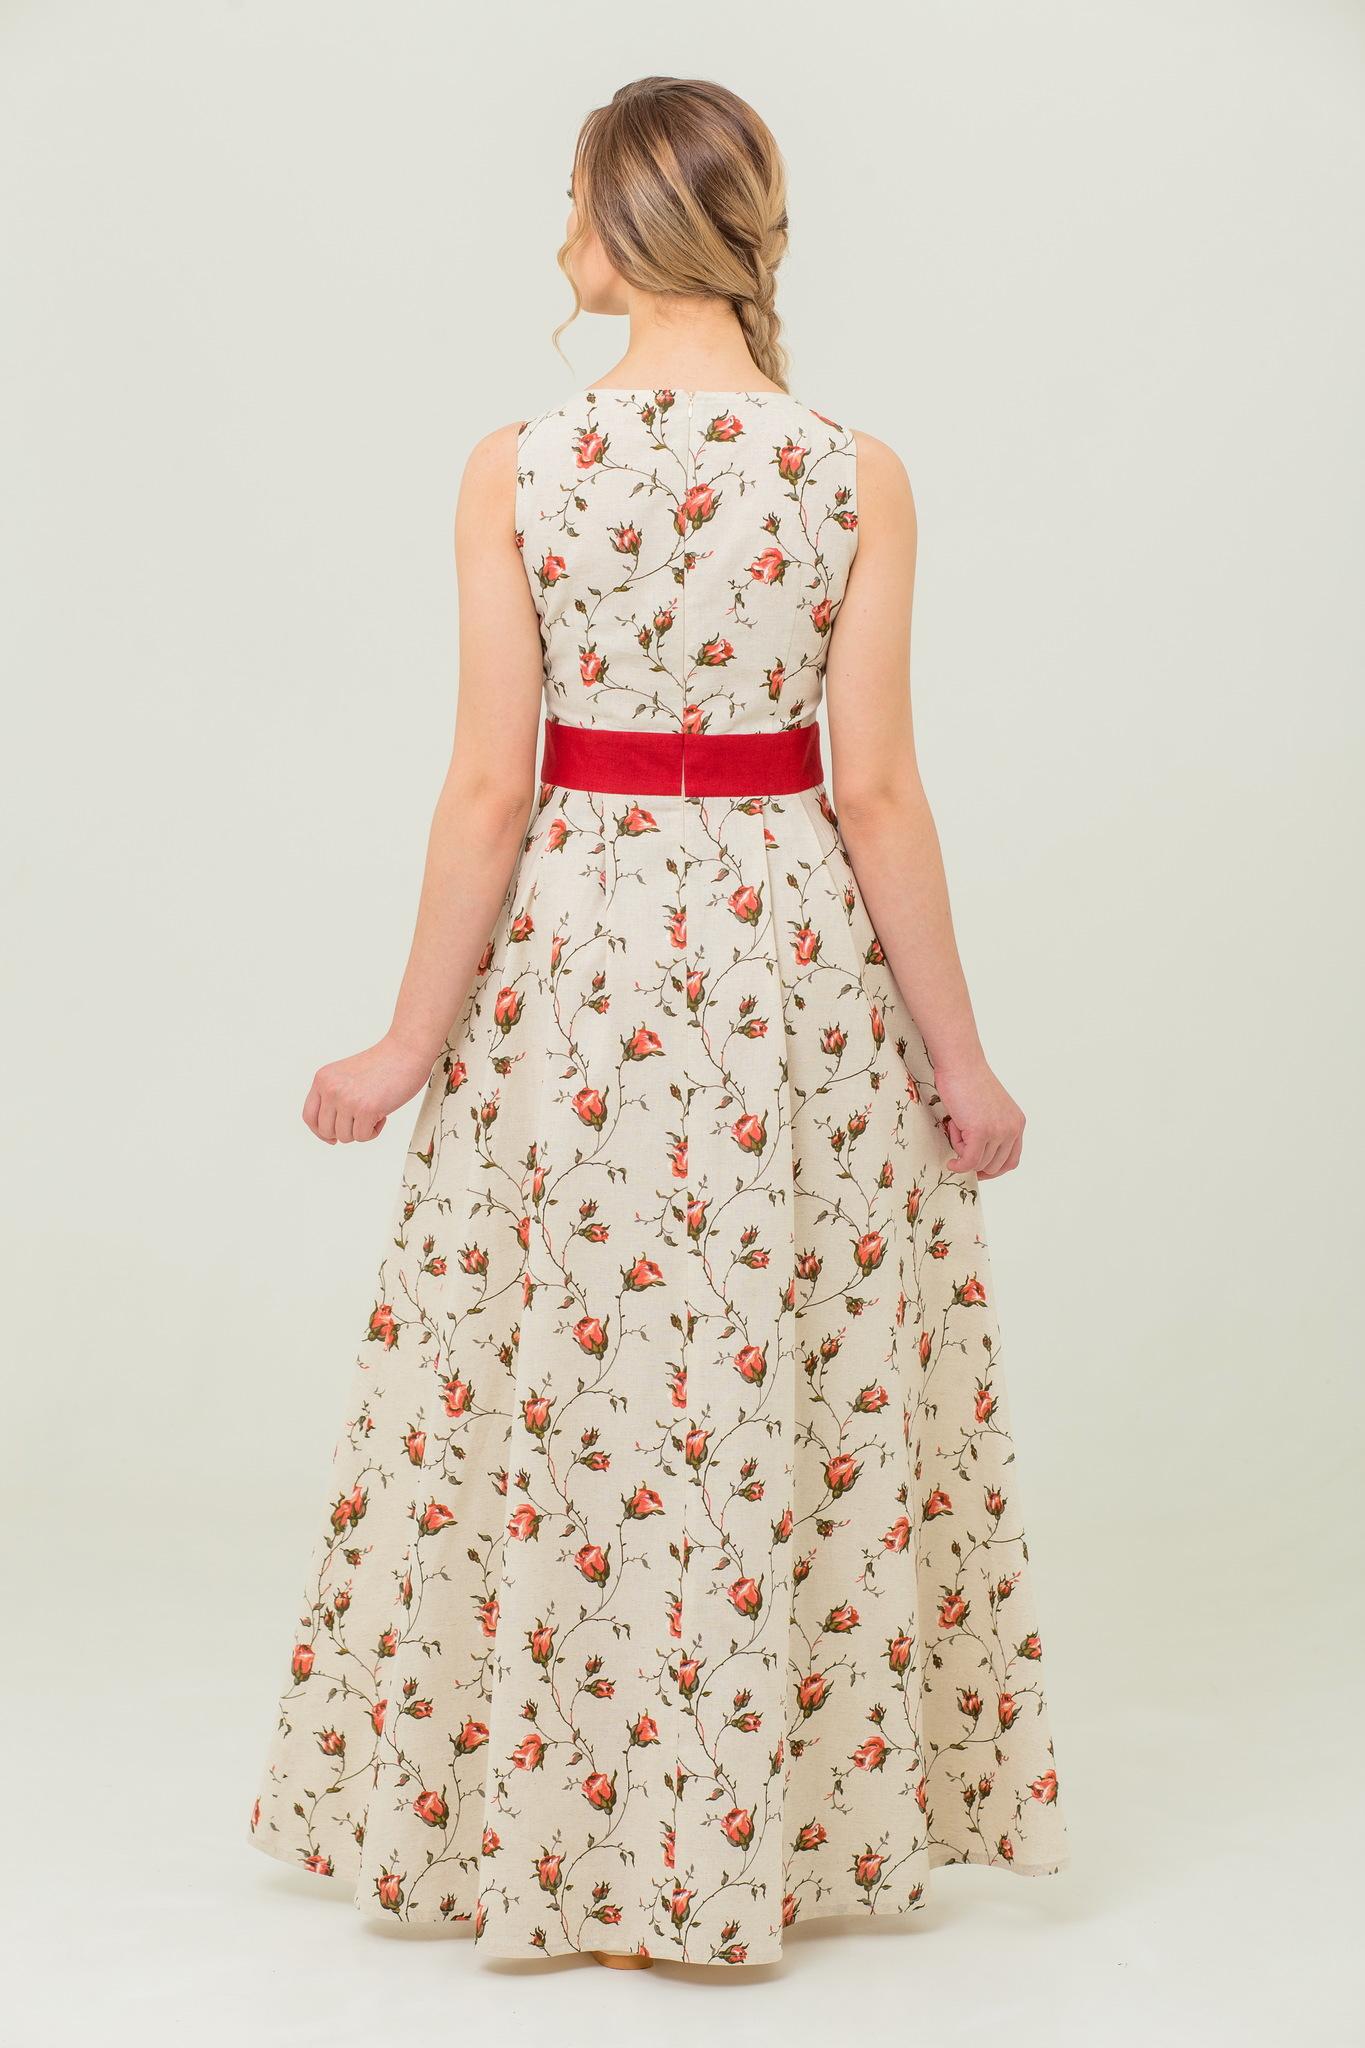 Платье льняное Зайцевская роза цветочный принт